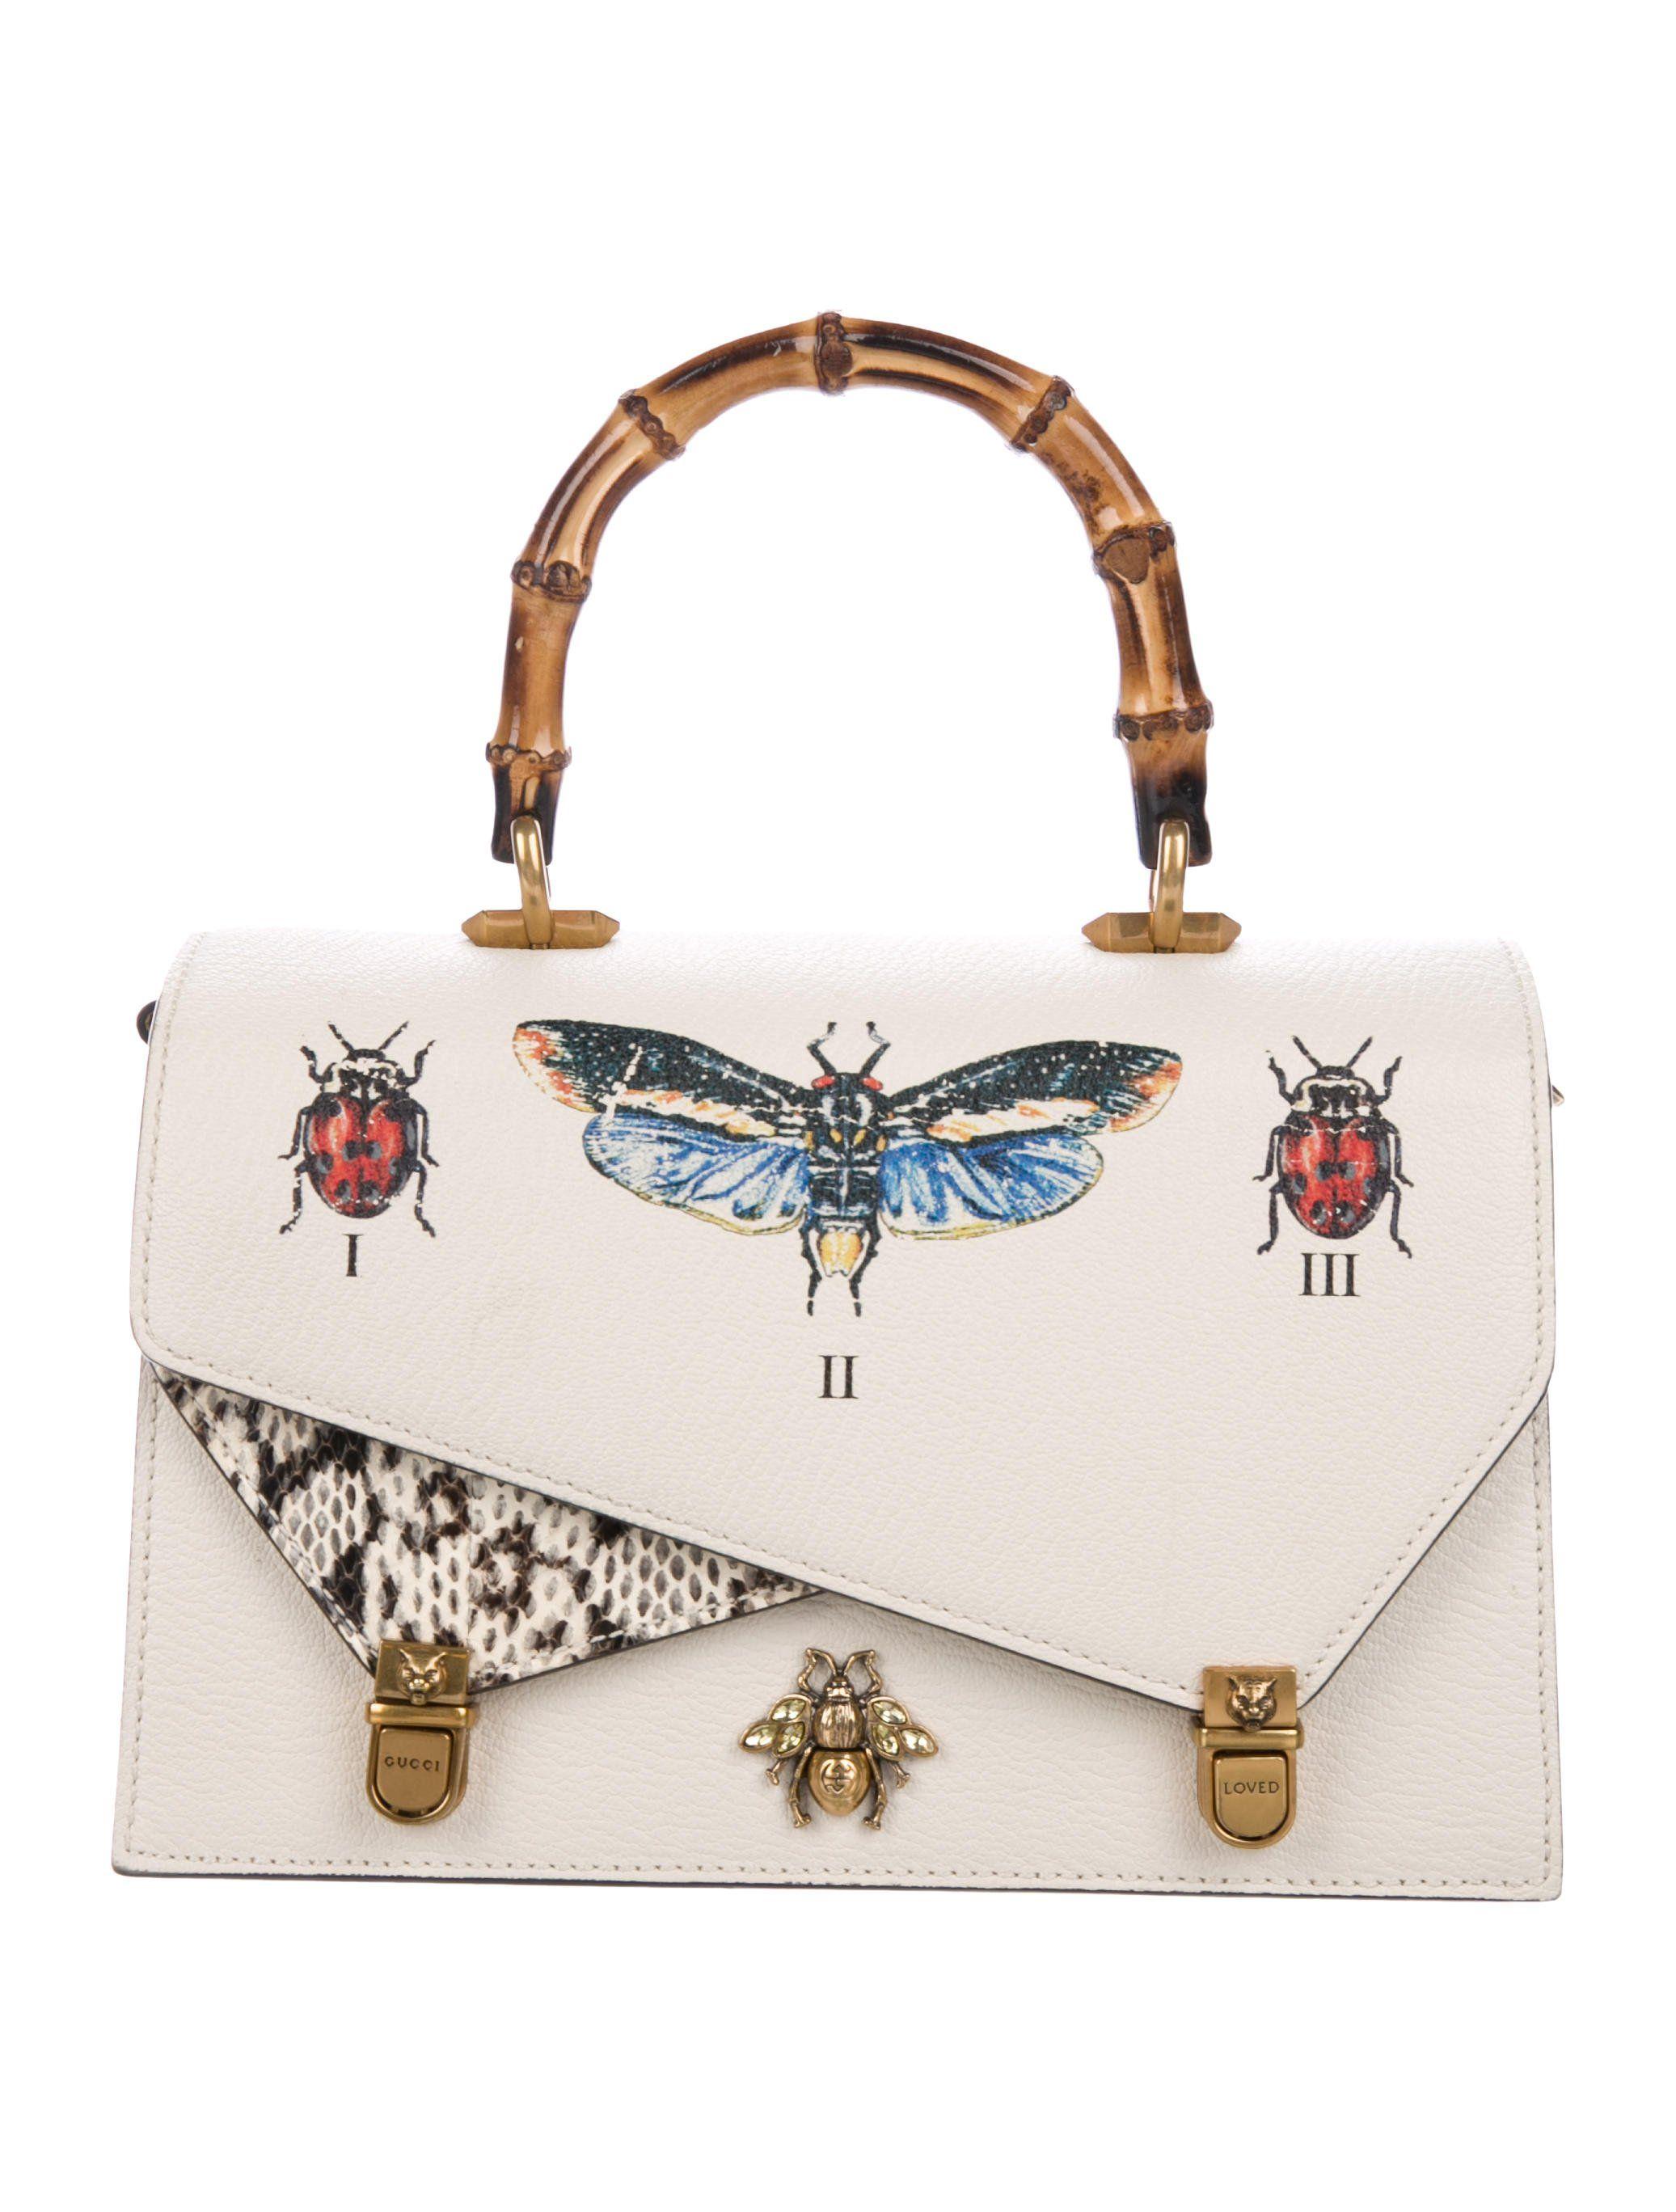 f927379e550 Creme grained leather Gucci Small Ottilia bag with gold-tone hardware